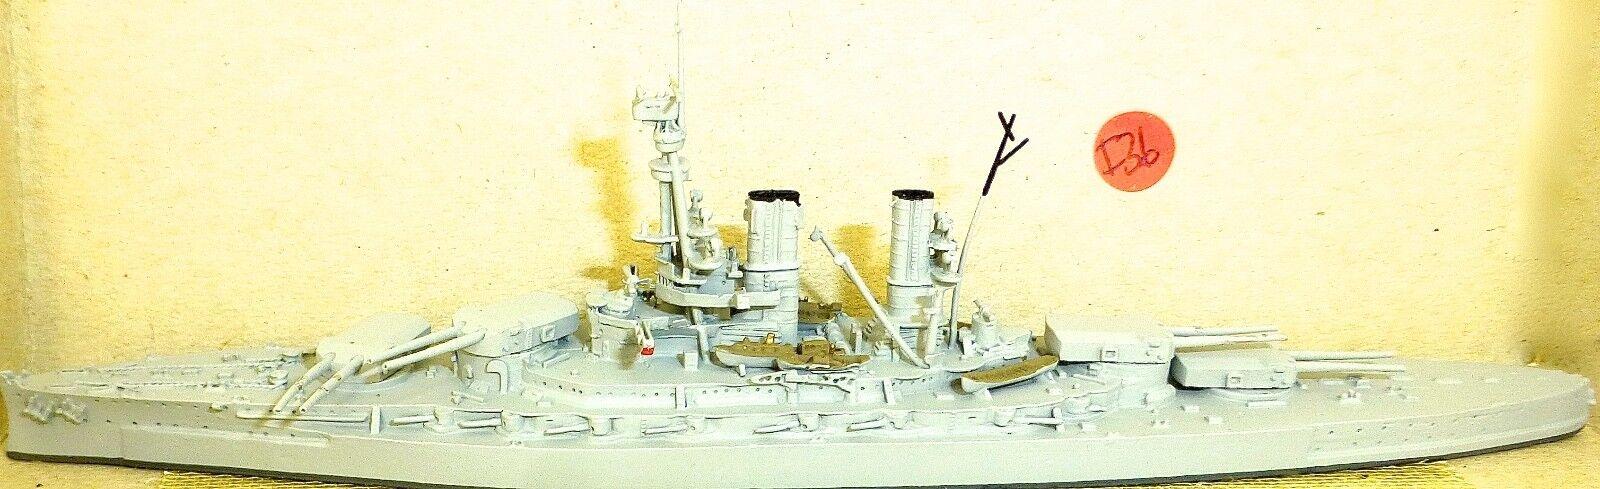 Baden - navis neptun 1a maqueta de barco 1 1250 shpi36 å